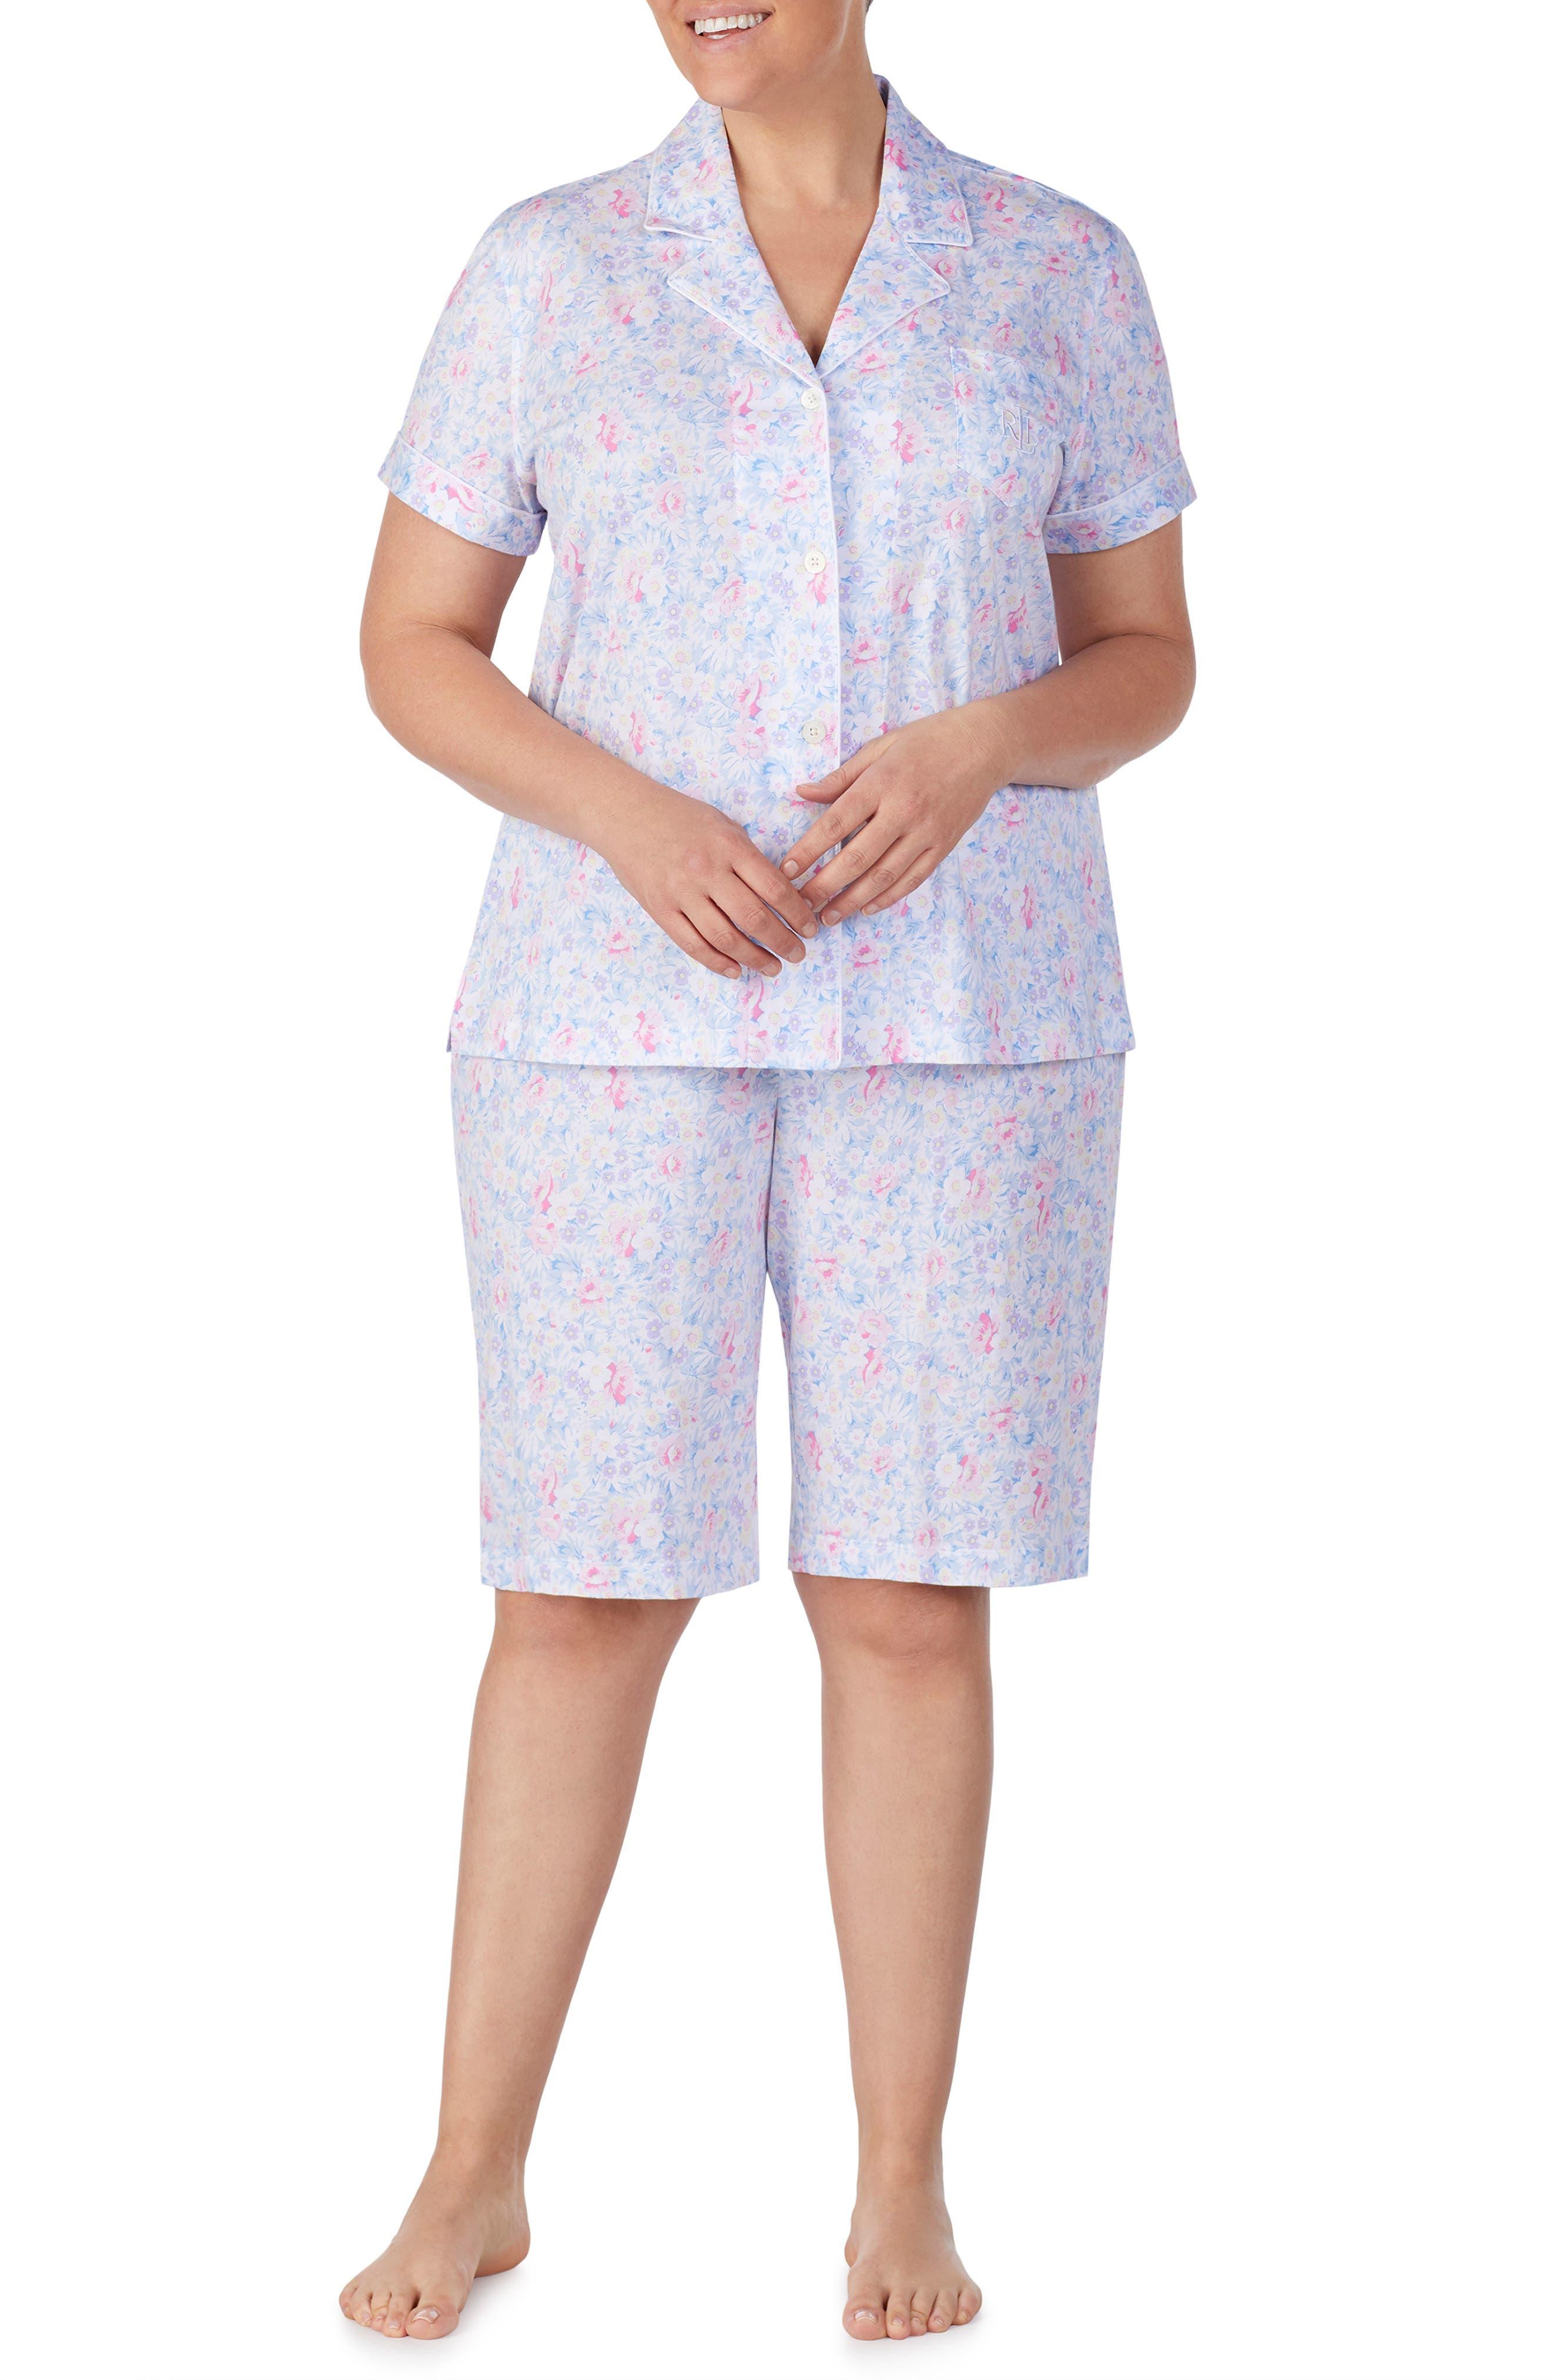 LAUREN RALPH LAUREN, Bermuda Shorts Pajamas, Alternate thumbnail 2, color, PINK FLORAL